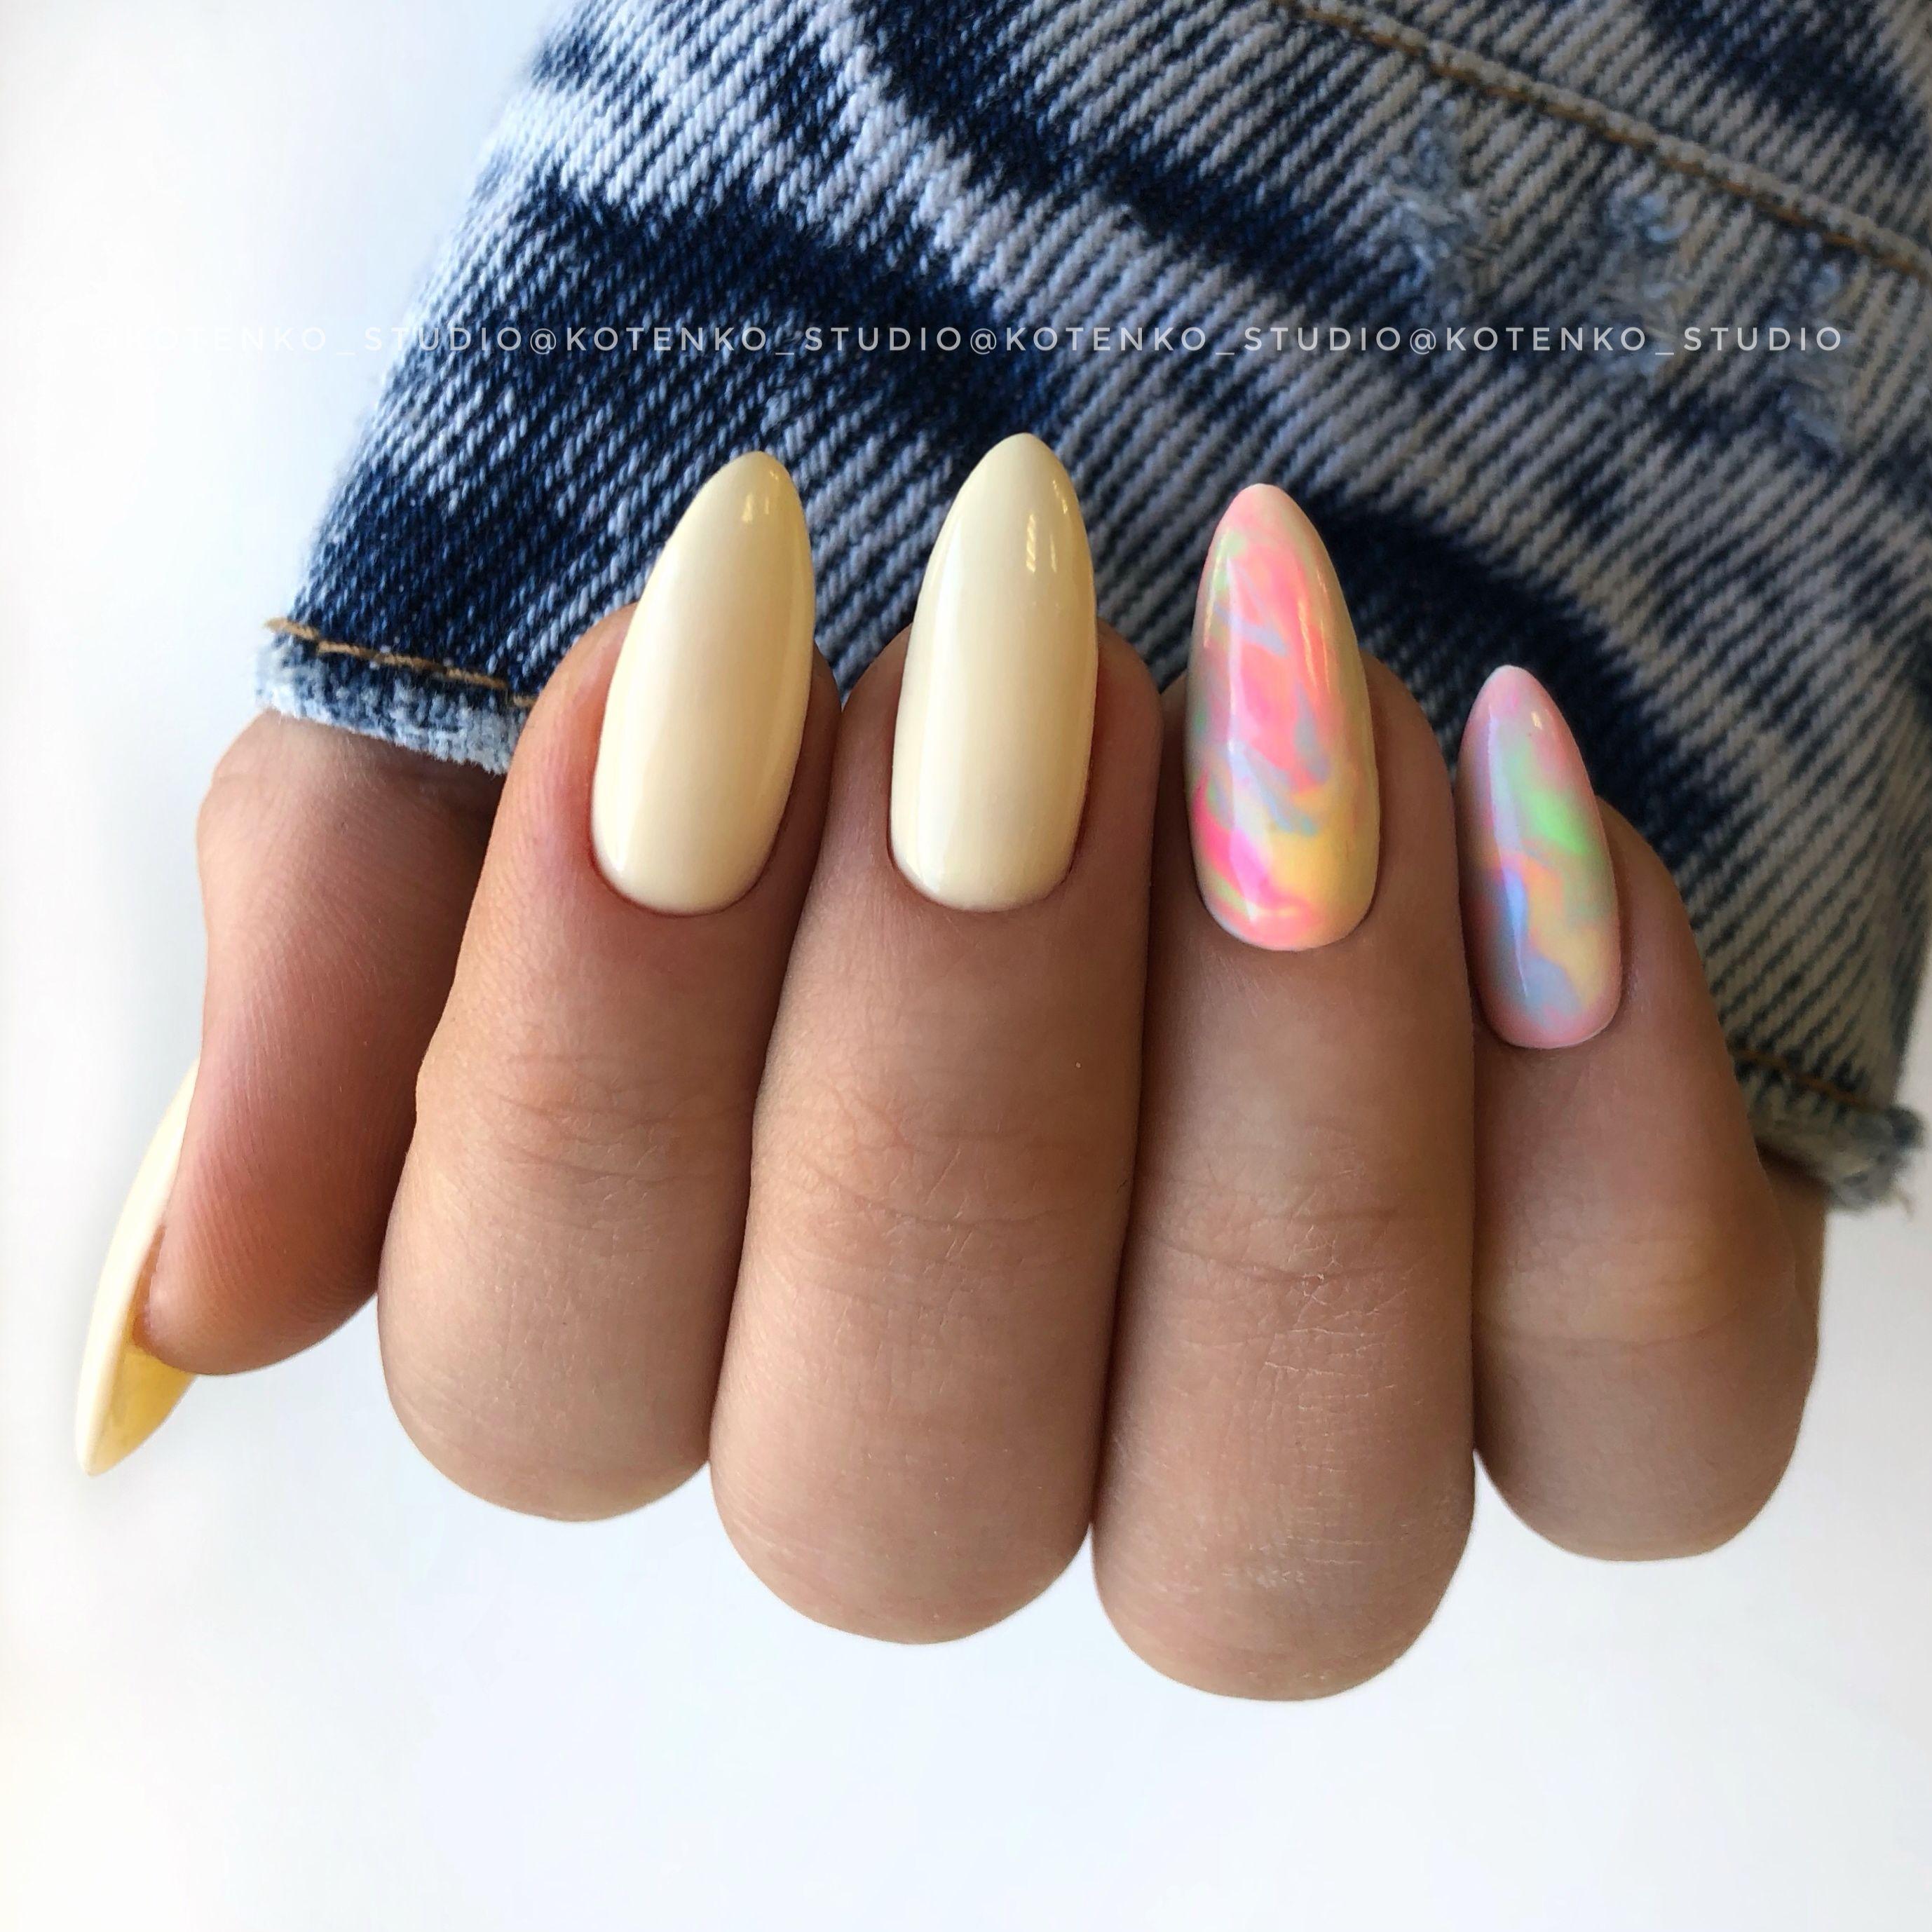 Pin By Barbora Hotova On Nails Gelove Nehty Kratke Nehty Nehty